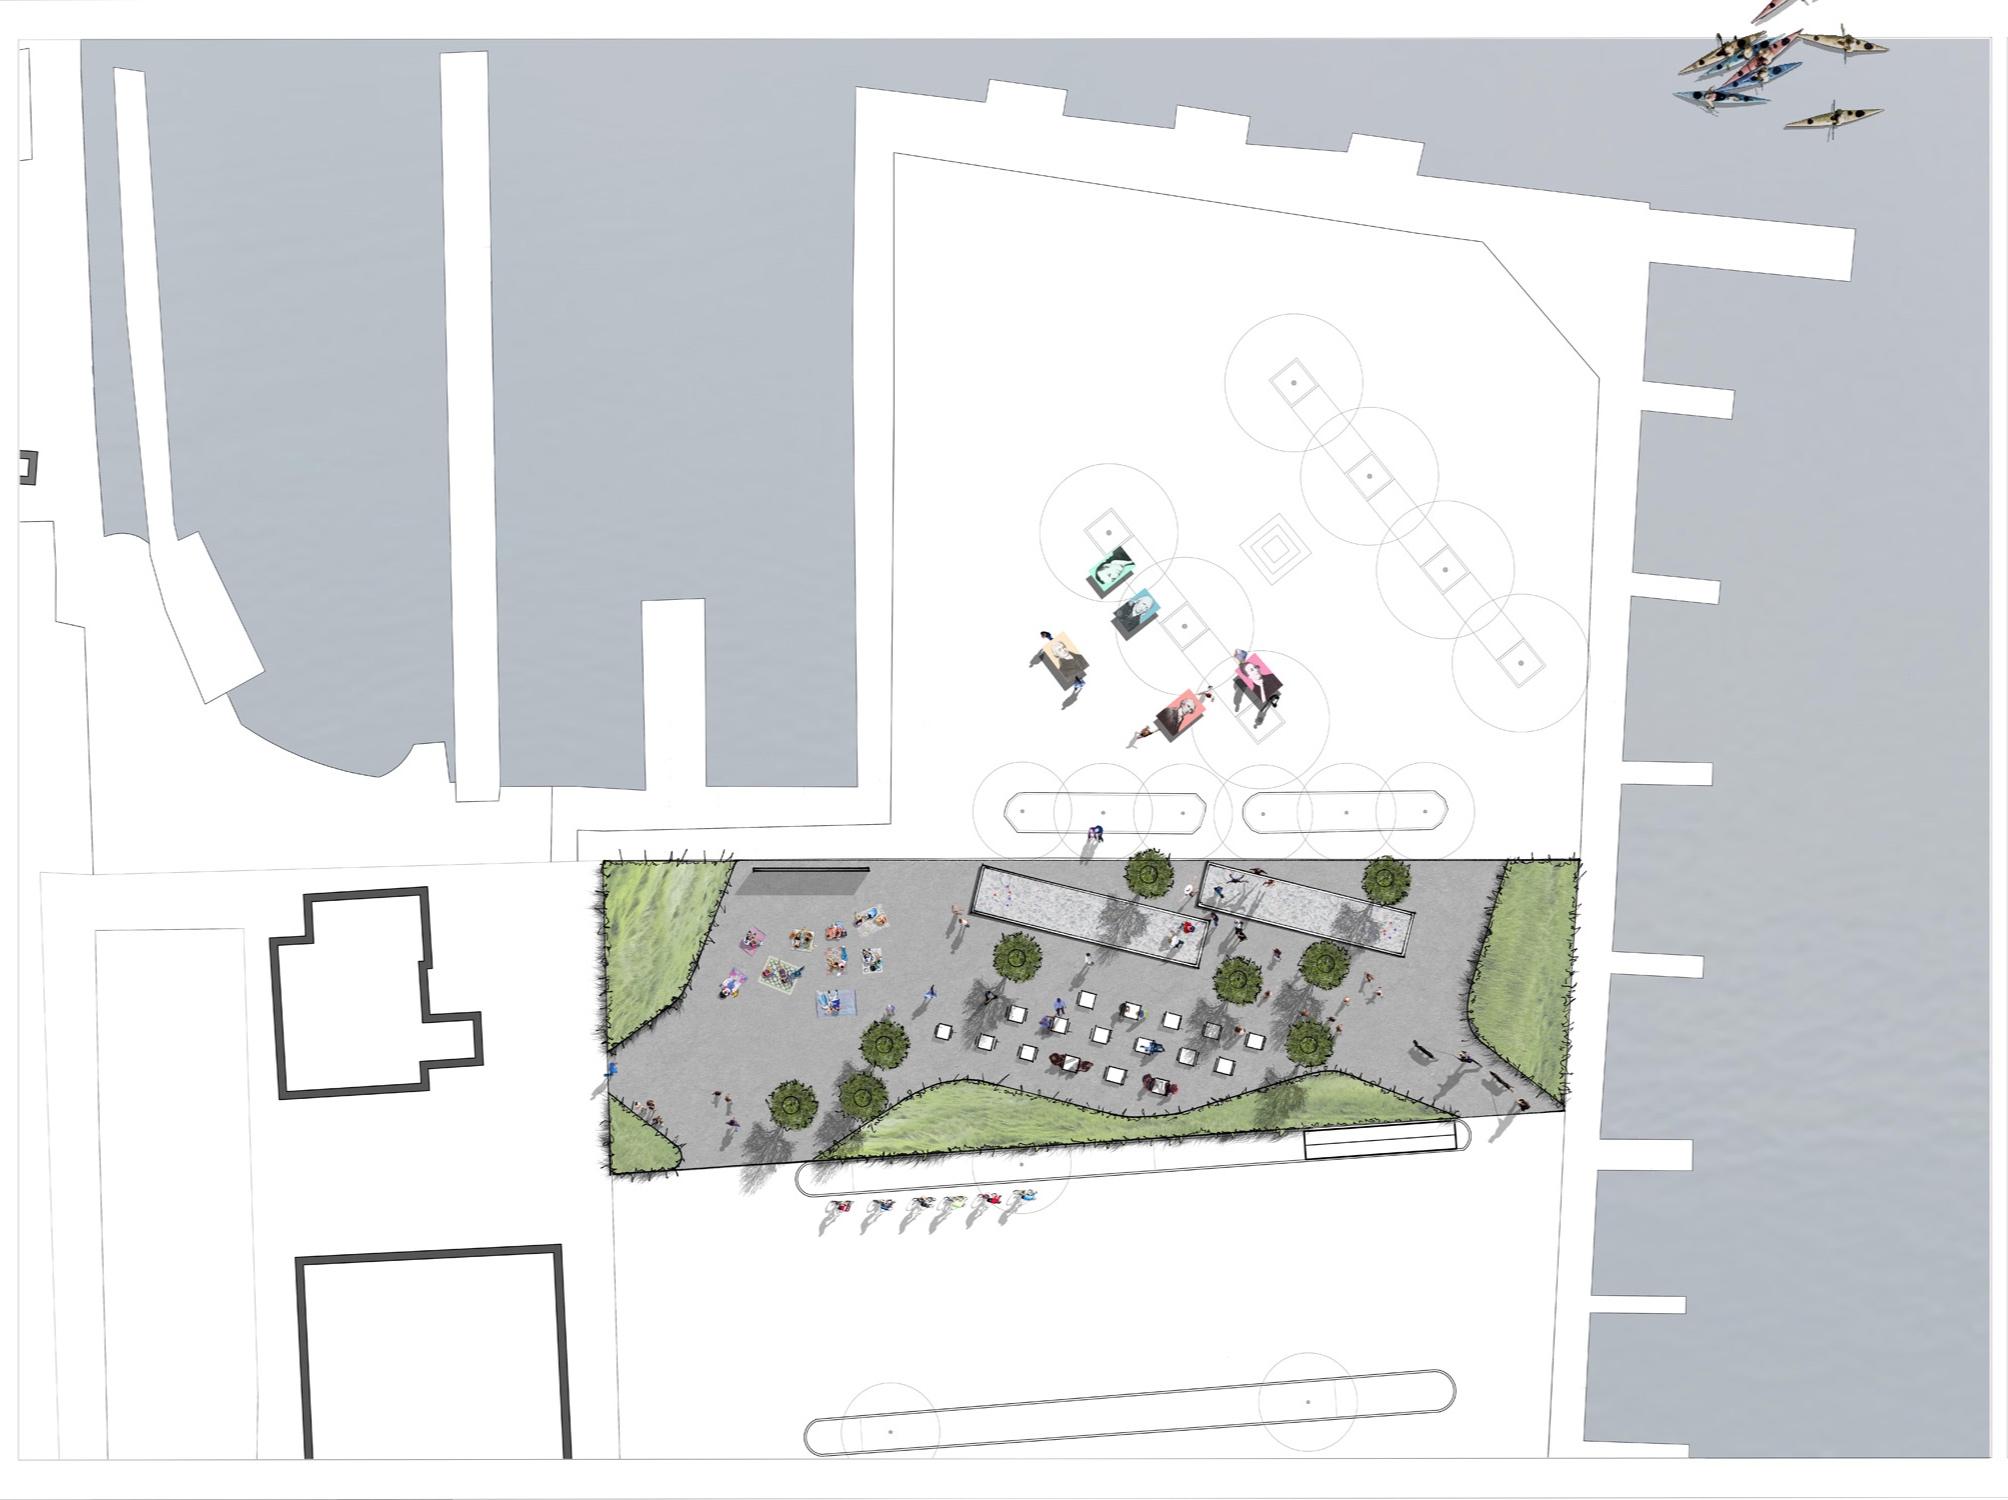 CITY+DOCK_ConceptPlan-Linework_2.jpg